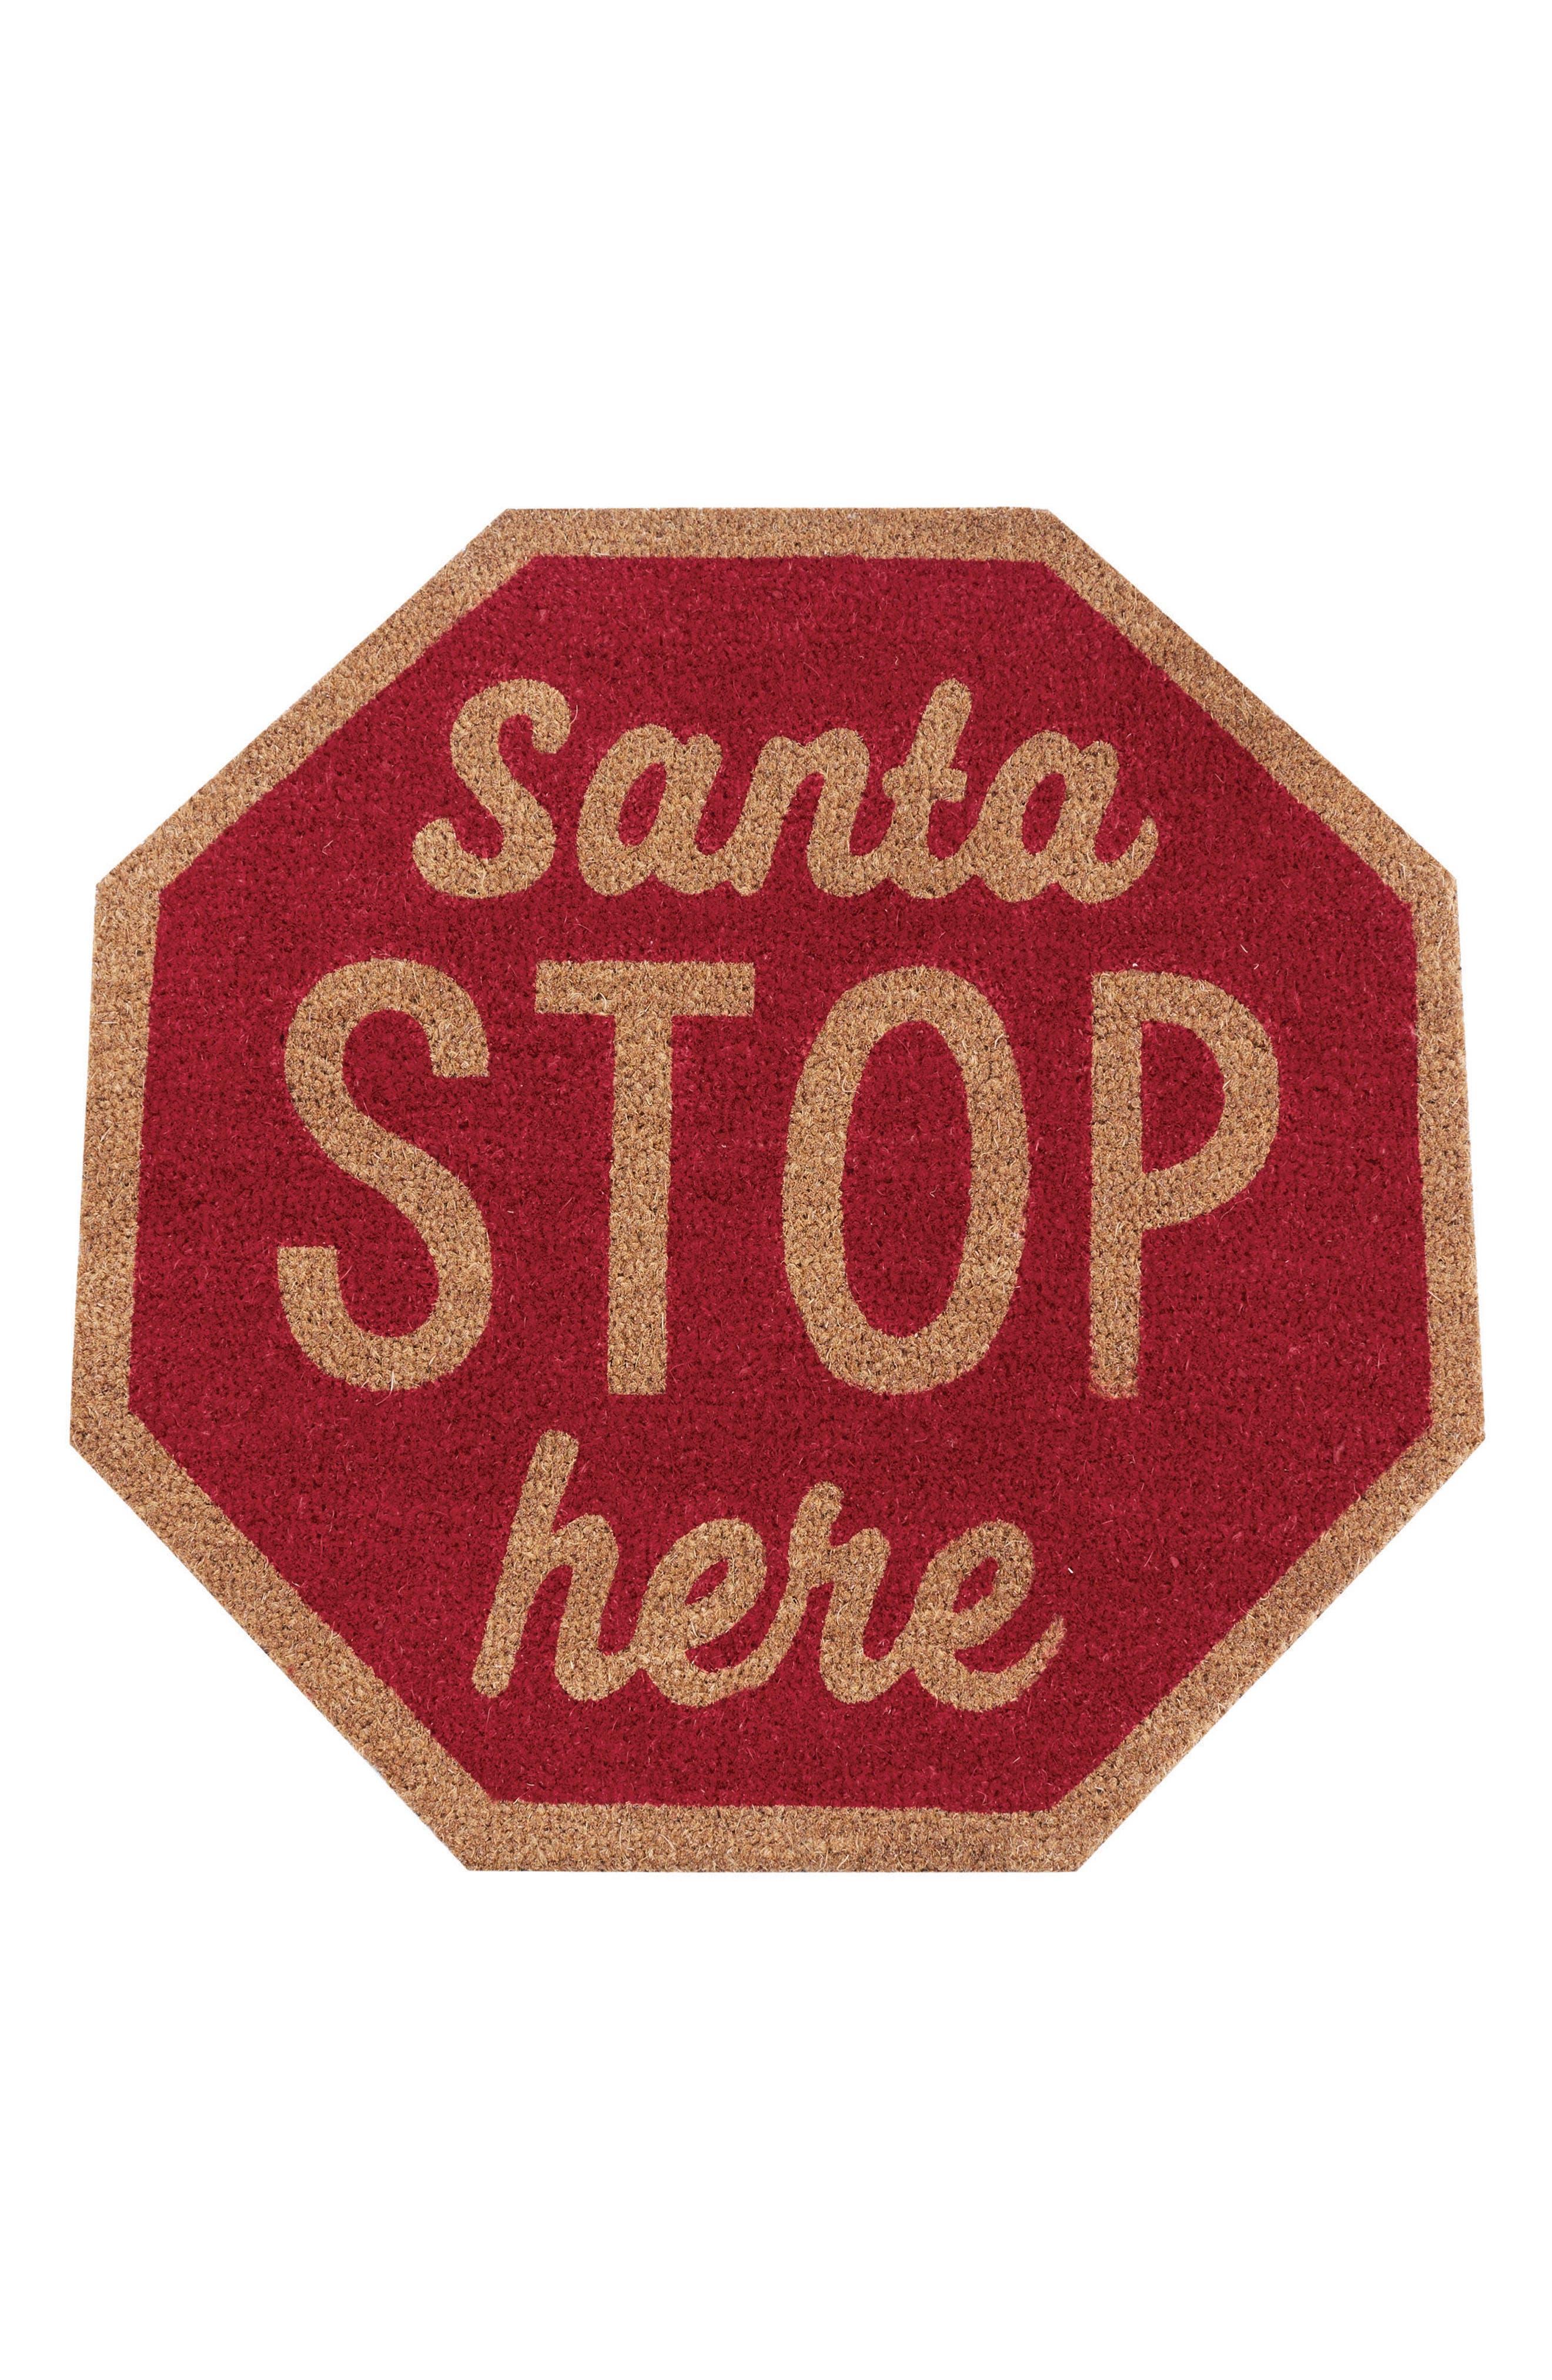 Mud Pie Santa Stop Here Coir Door Mat